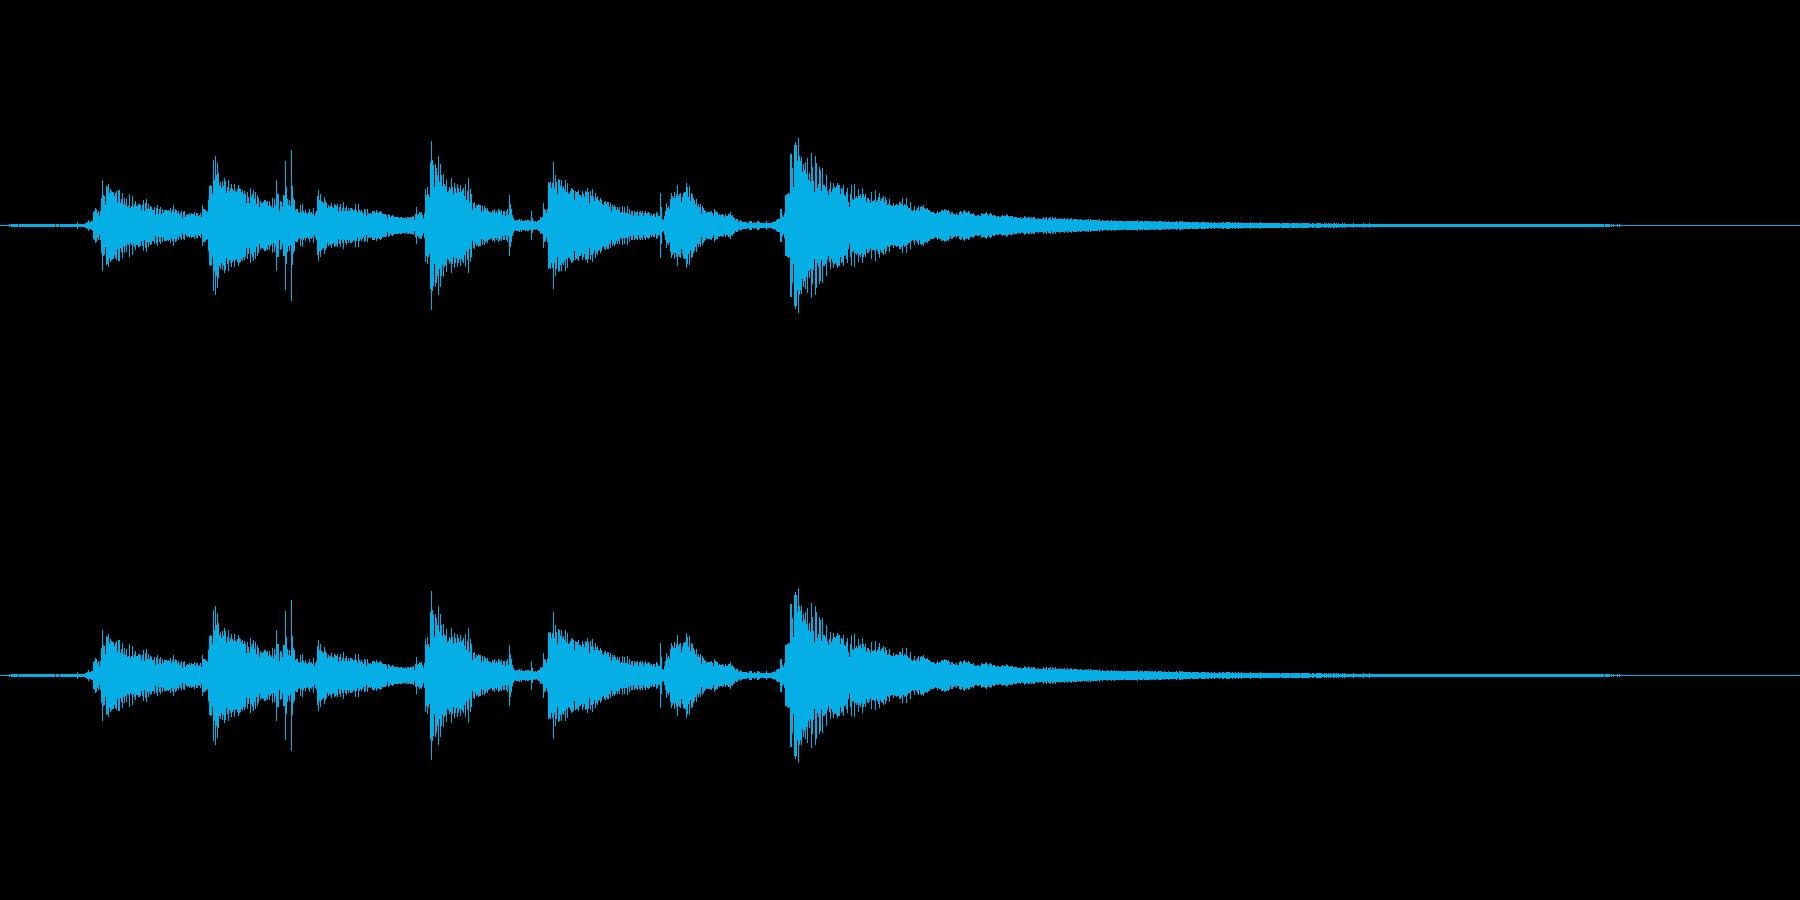 【生音】ウクレレののんびりなコード効果音の再生済みの波形